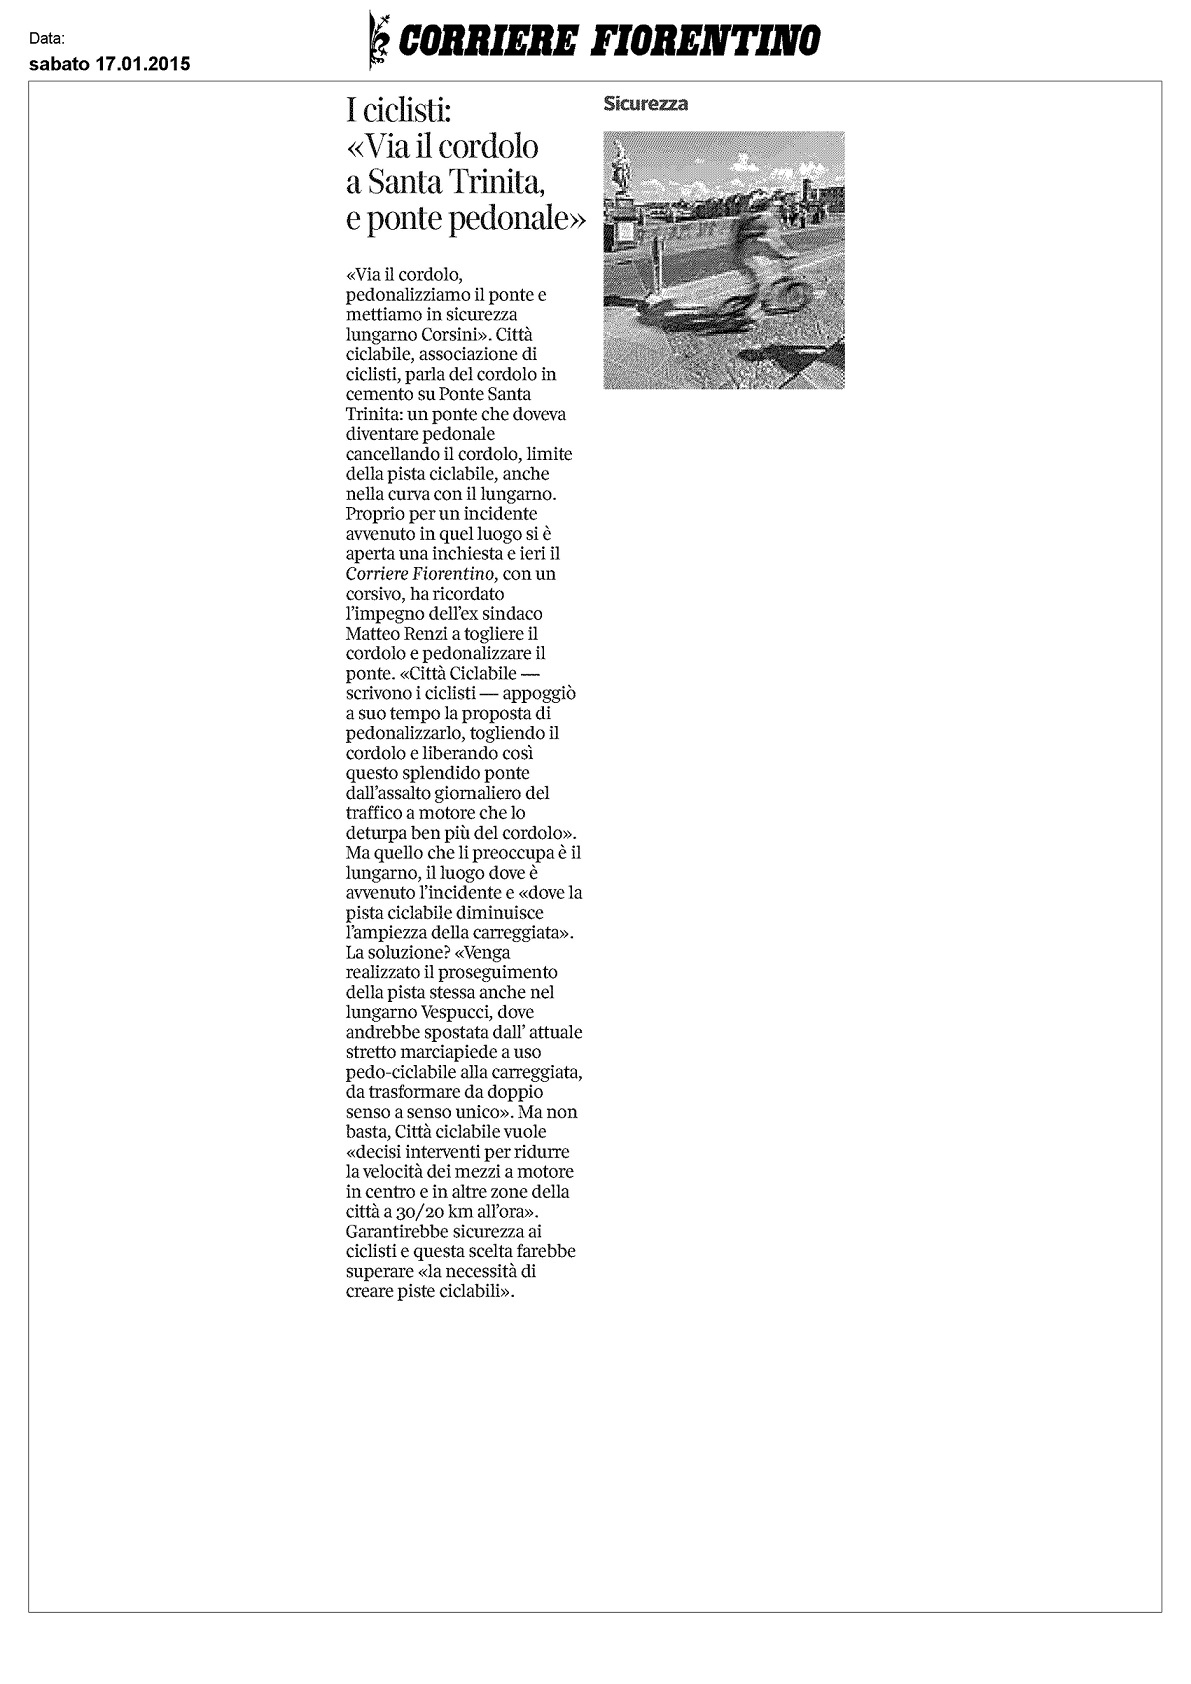 Corriere Fiorentino17Gen15